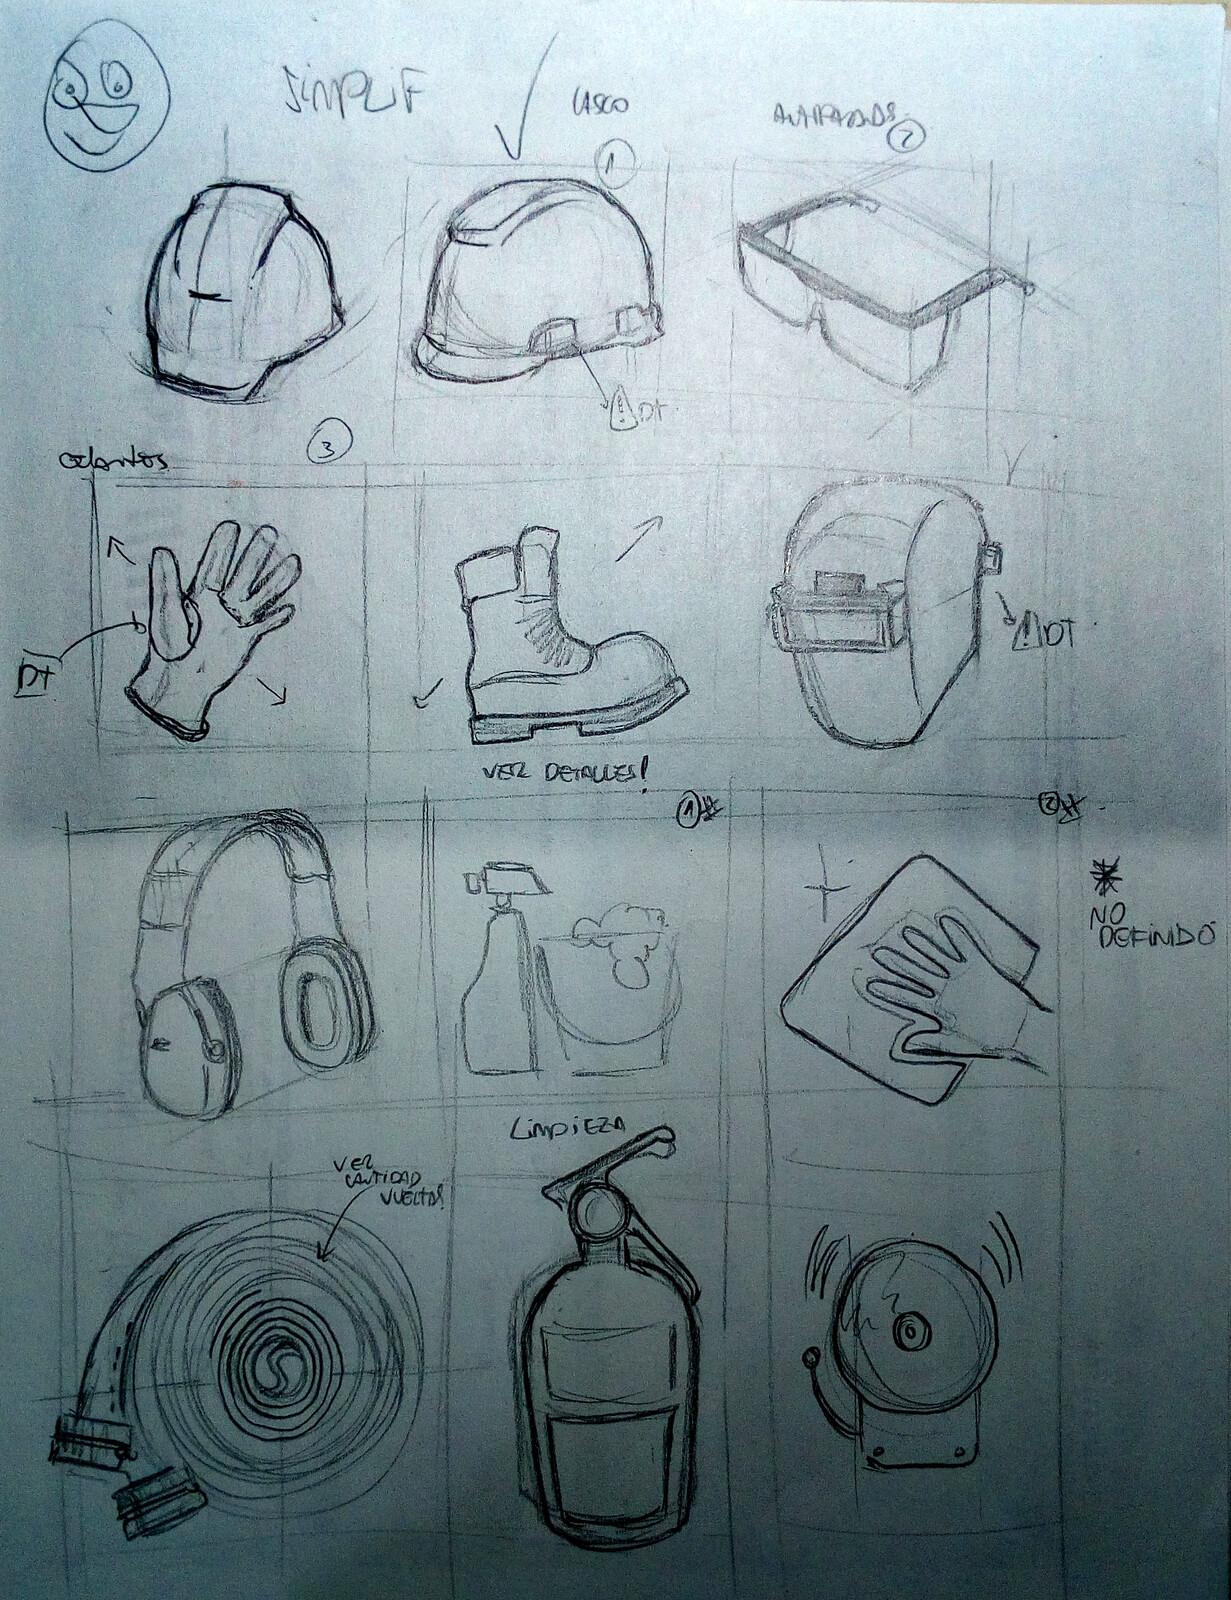 signals sketches